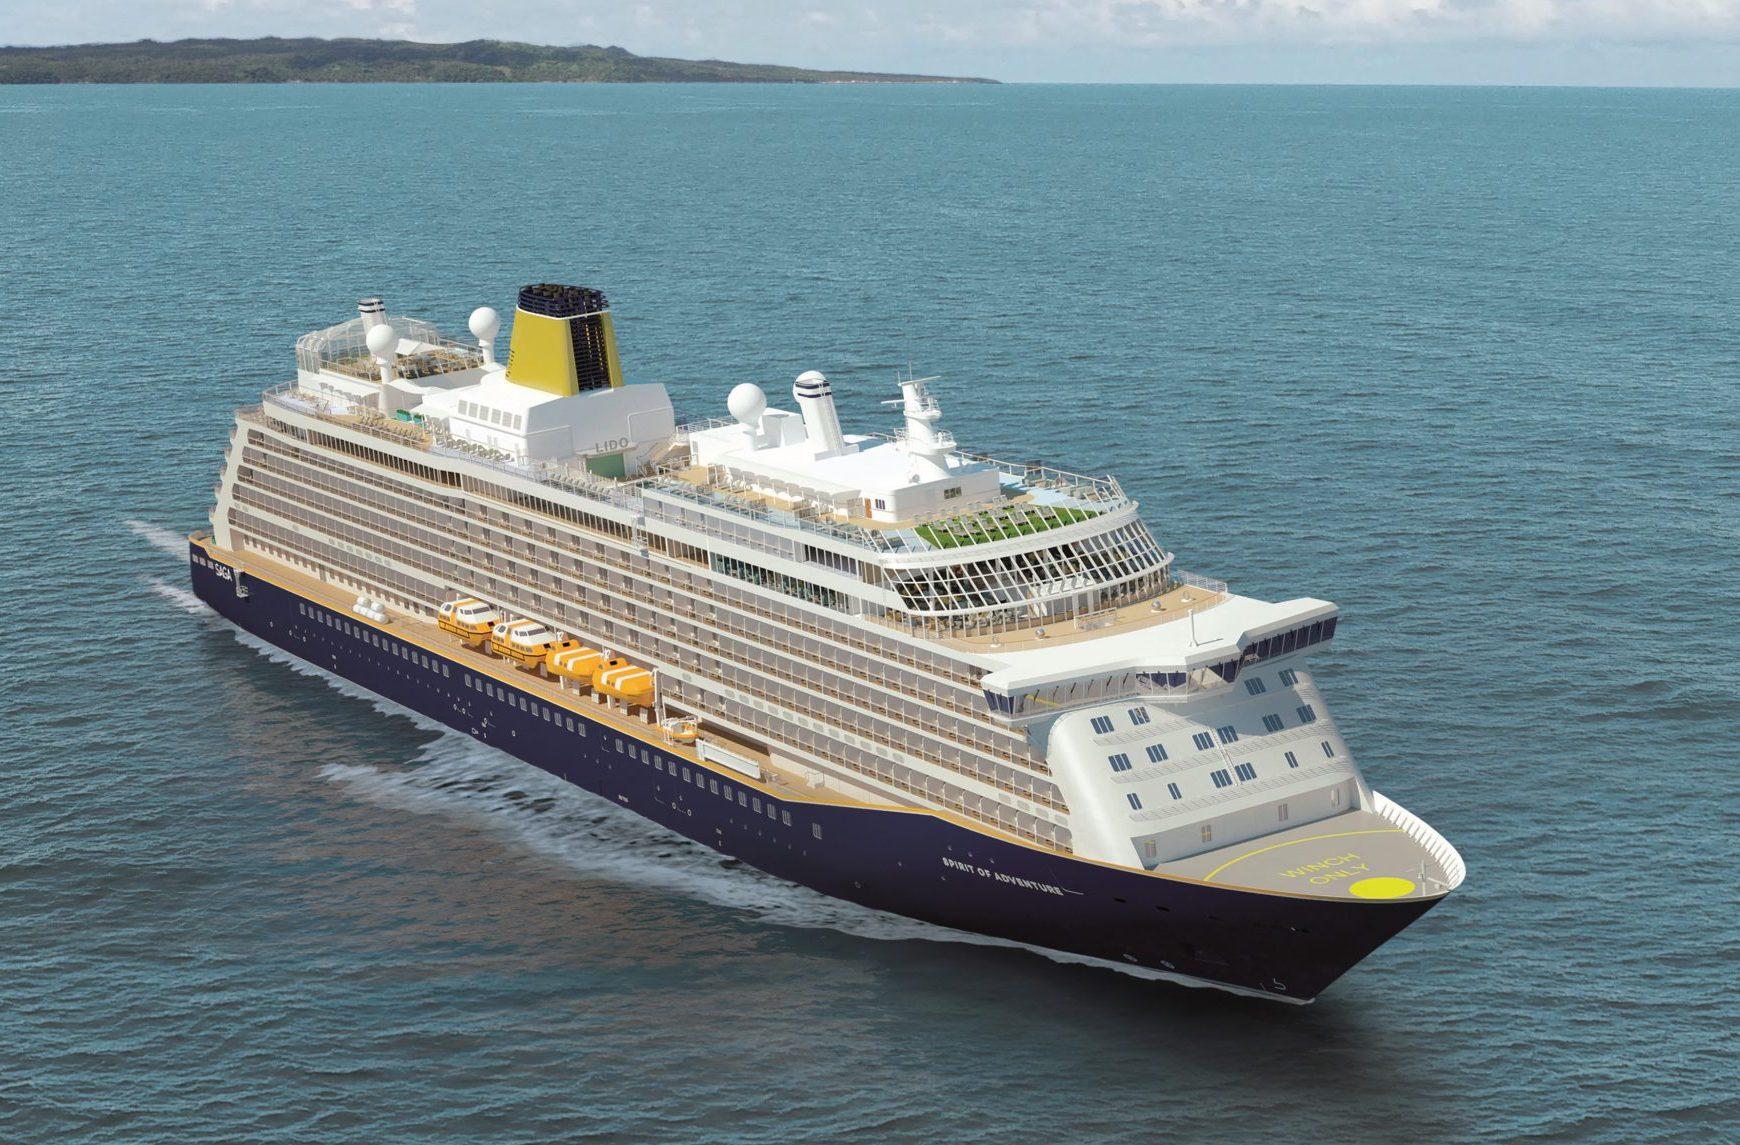 Saga Cruises, et mindre britisk krydstogtrederi, har som branchens første meddelt, at dets passagerer skal være coronavaccineret, før de kan komme ombord. PR-foto.